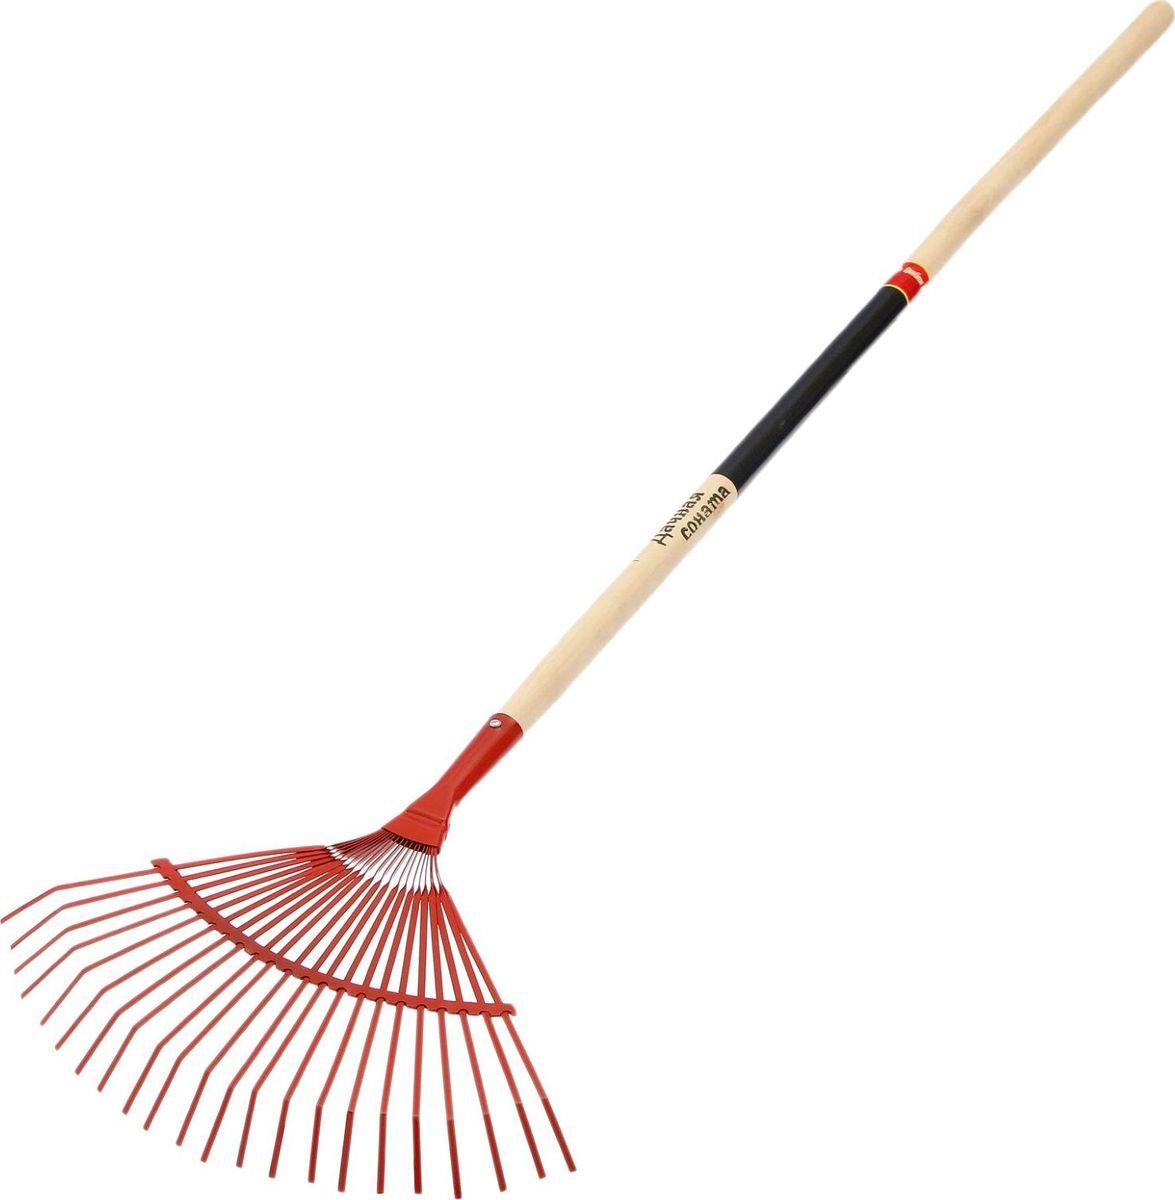 Грабли веерные, длина 147 см531-402Веерные грабли предназначены для сезонного сбора опавших листьев, скошенной травы, мелкого садового мусора и сорняков. Благодаря форме веера и большому количеству плоских пластинчатых пружинящих зубцов вы быстрее справитесь с уборкой вашего сада.Металлическое приспособление долговечное, простое и универсальное в использовании. Применяется как для уборки земли, так и асфальтовых и бетонных покрытий. Черенок входит в комплект. Внимание!Изделие не предназначено для рыхления земли.